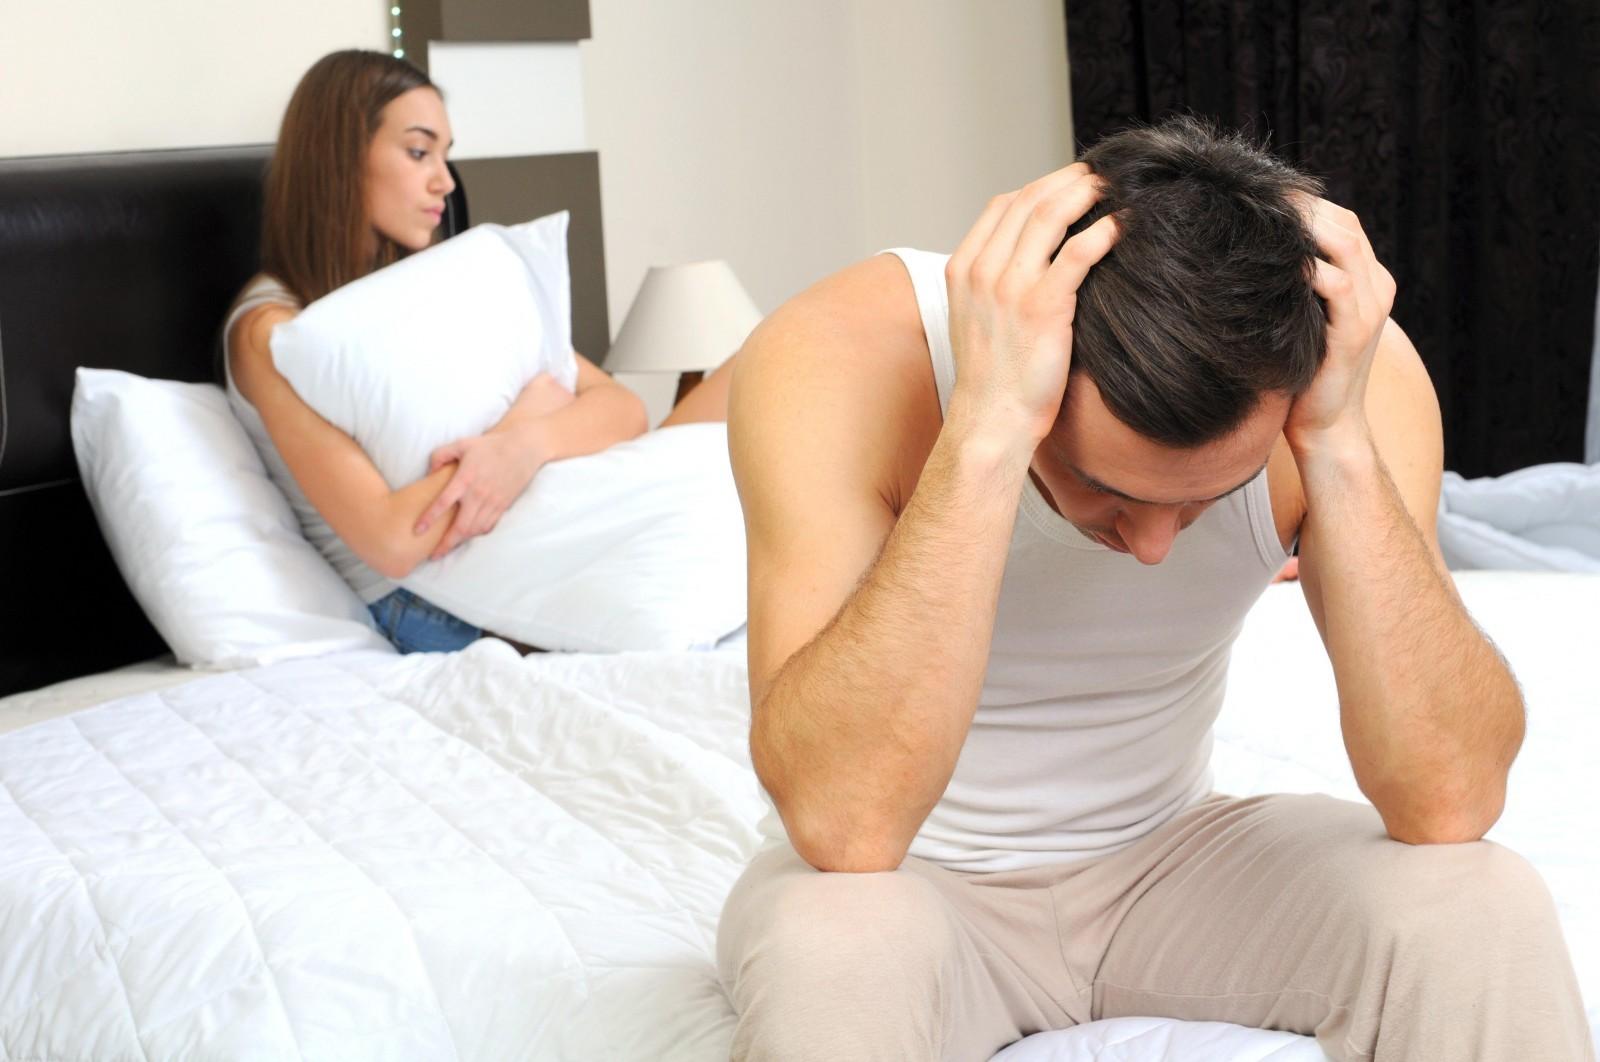 Нервные болезни и отсутствие сексуального влечения у мужчин